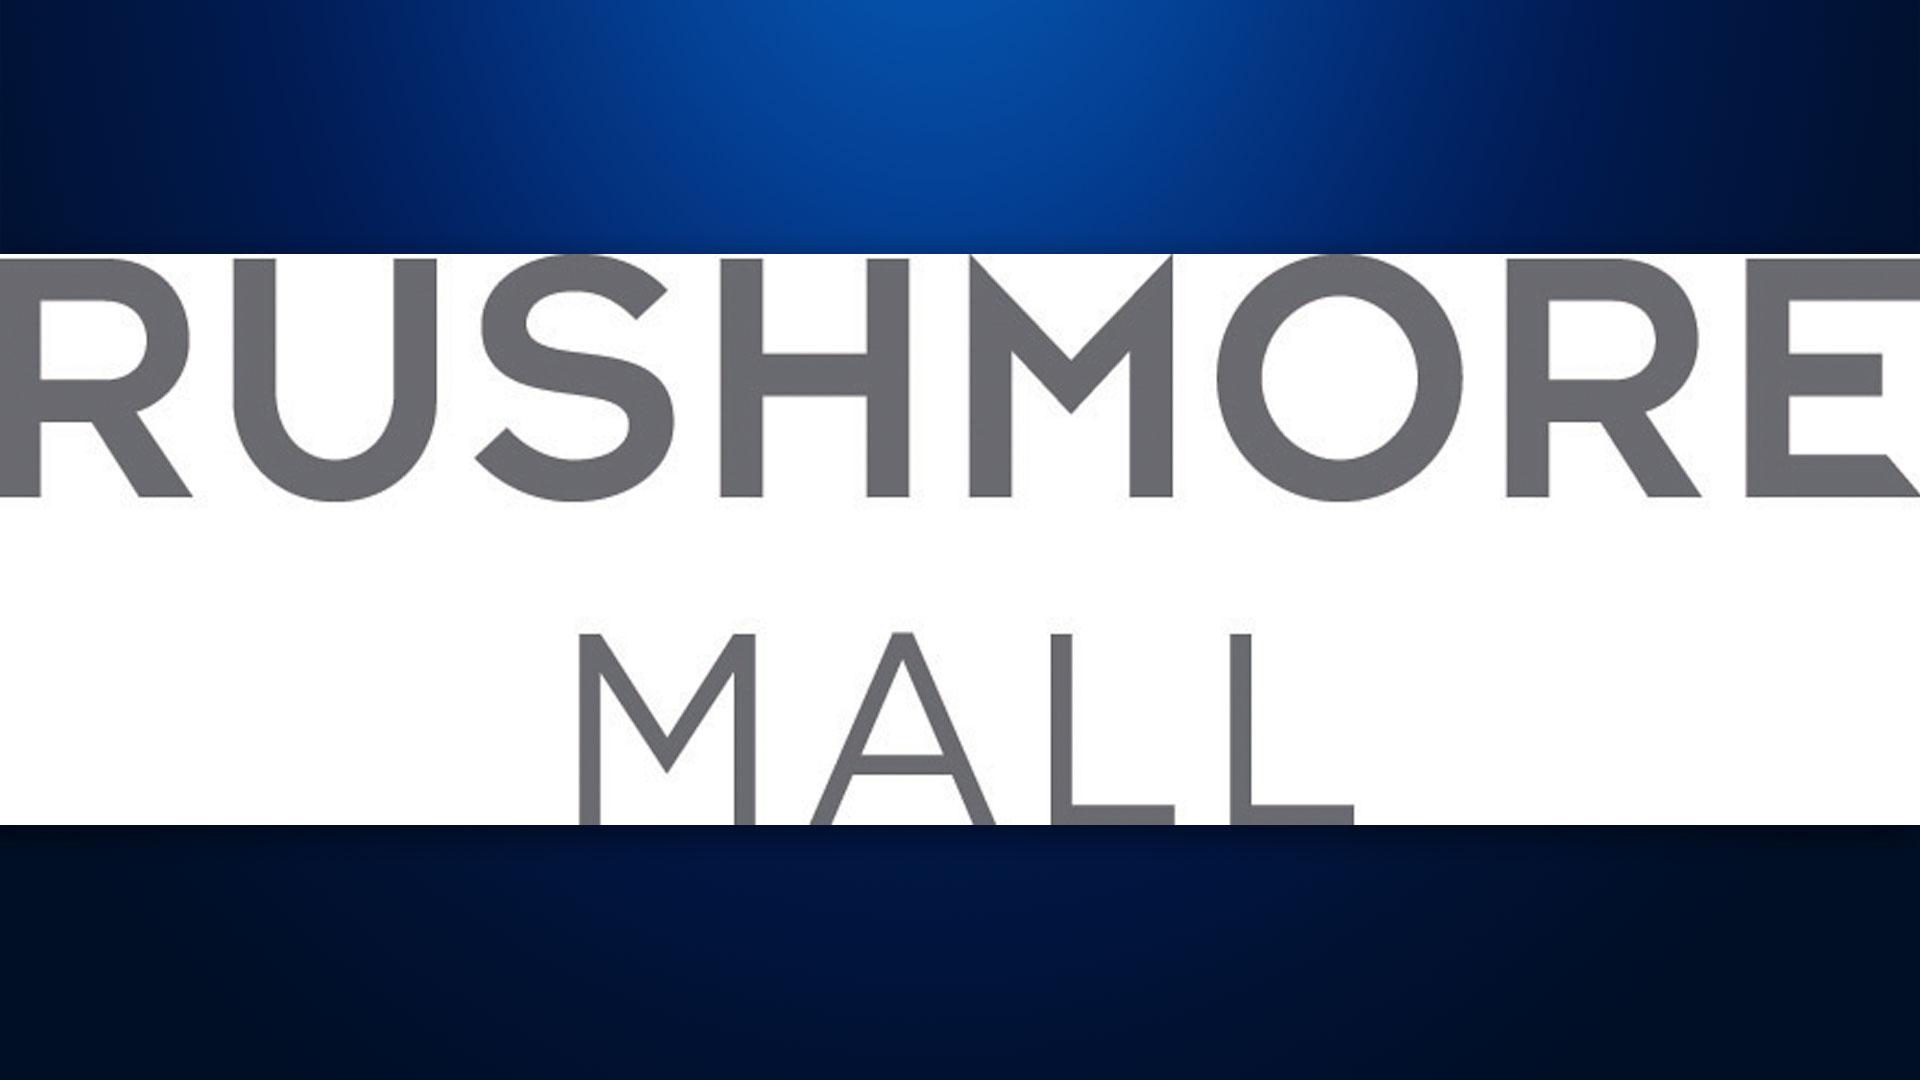 KELO Rushmore Mall